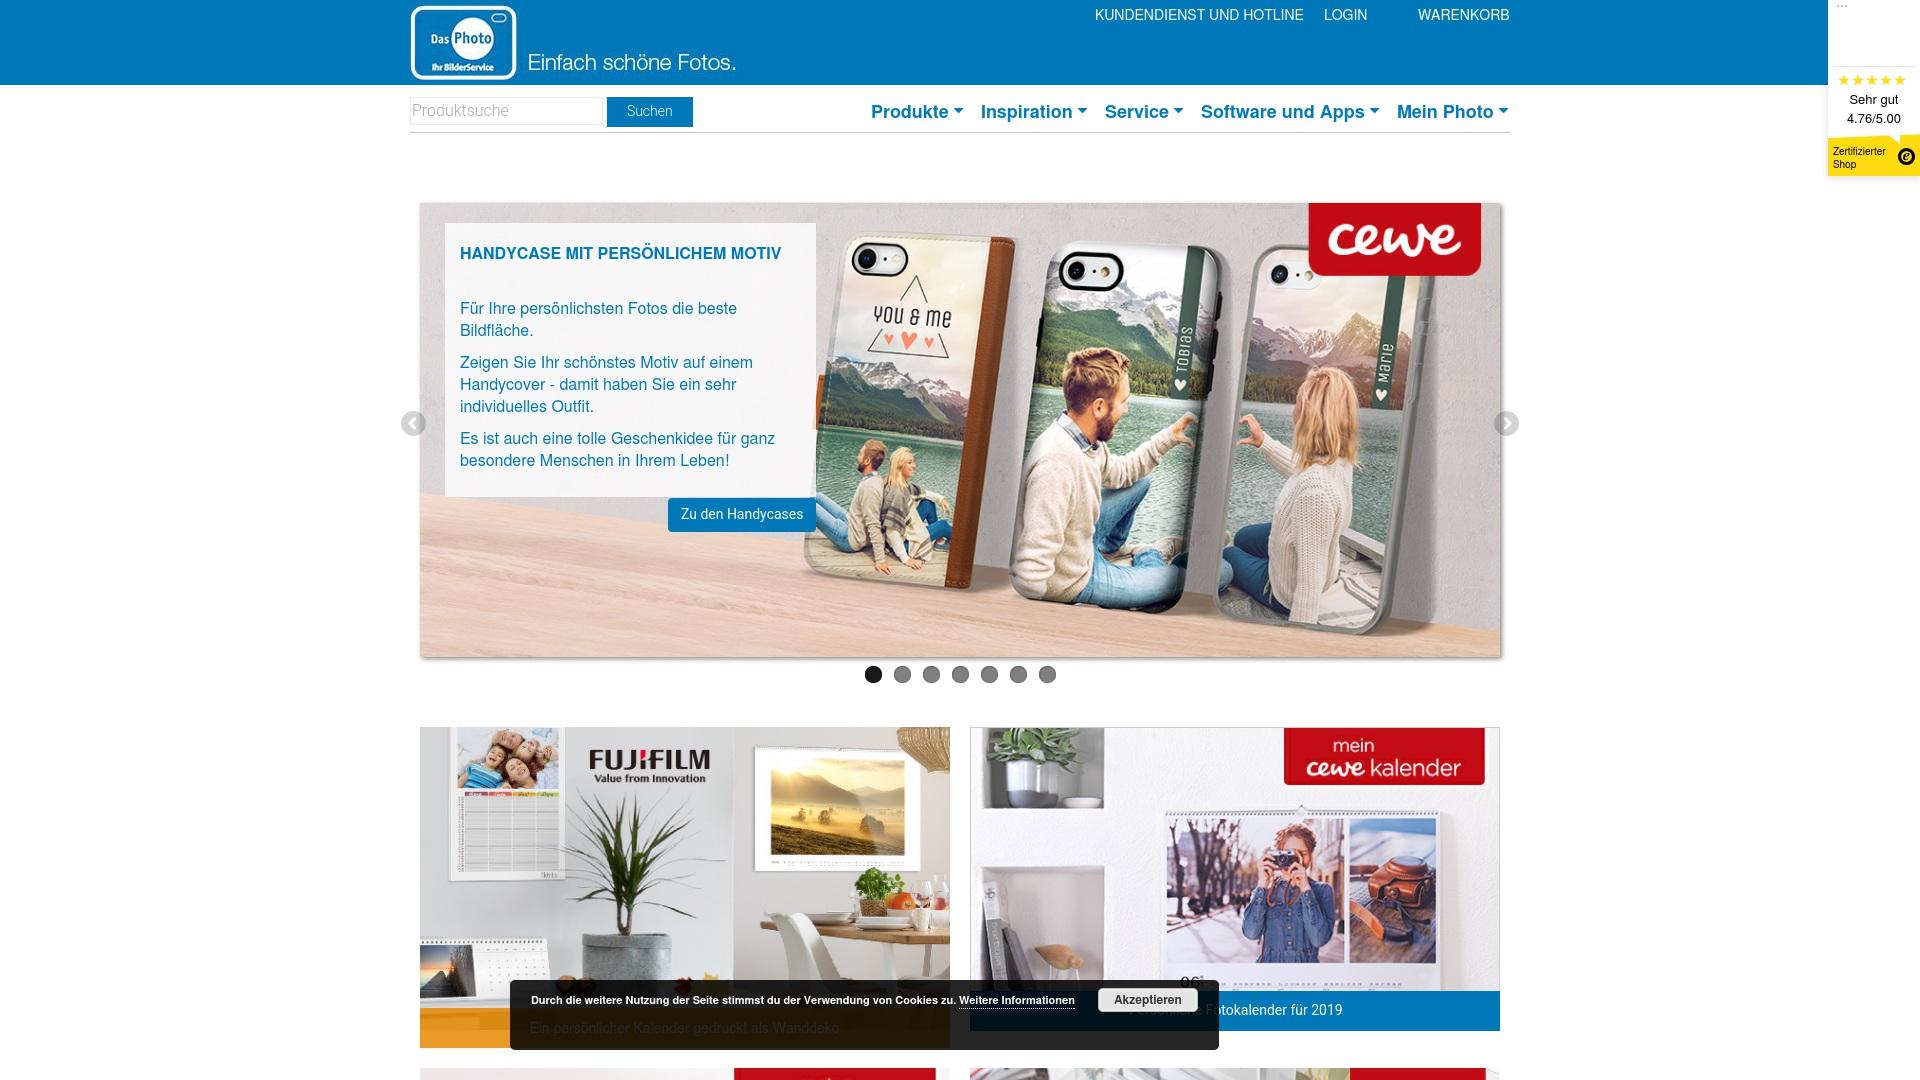 Gutschein für Dasphoto: Rabatte für  Dasphoto sichern